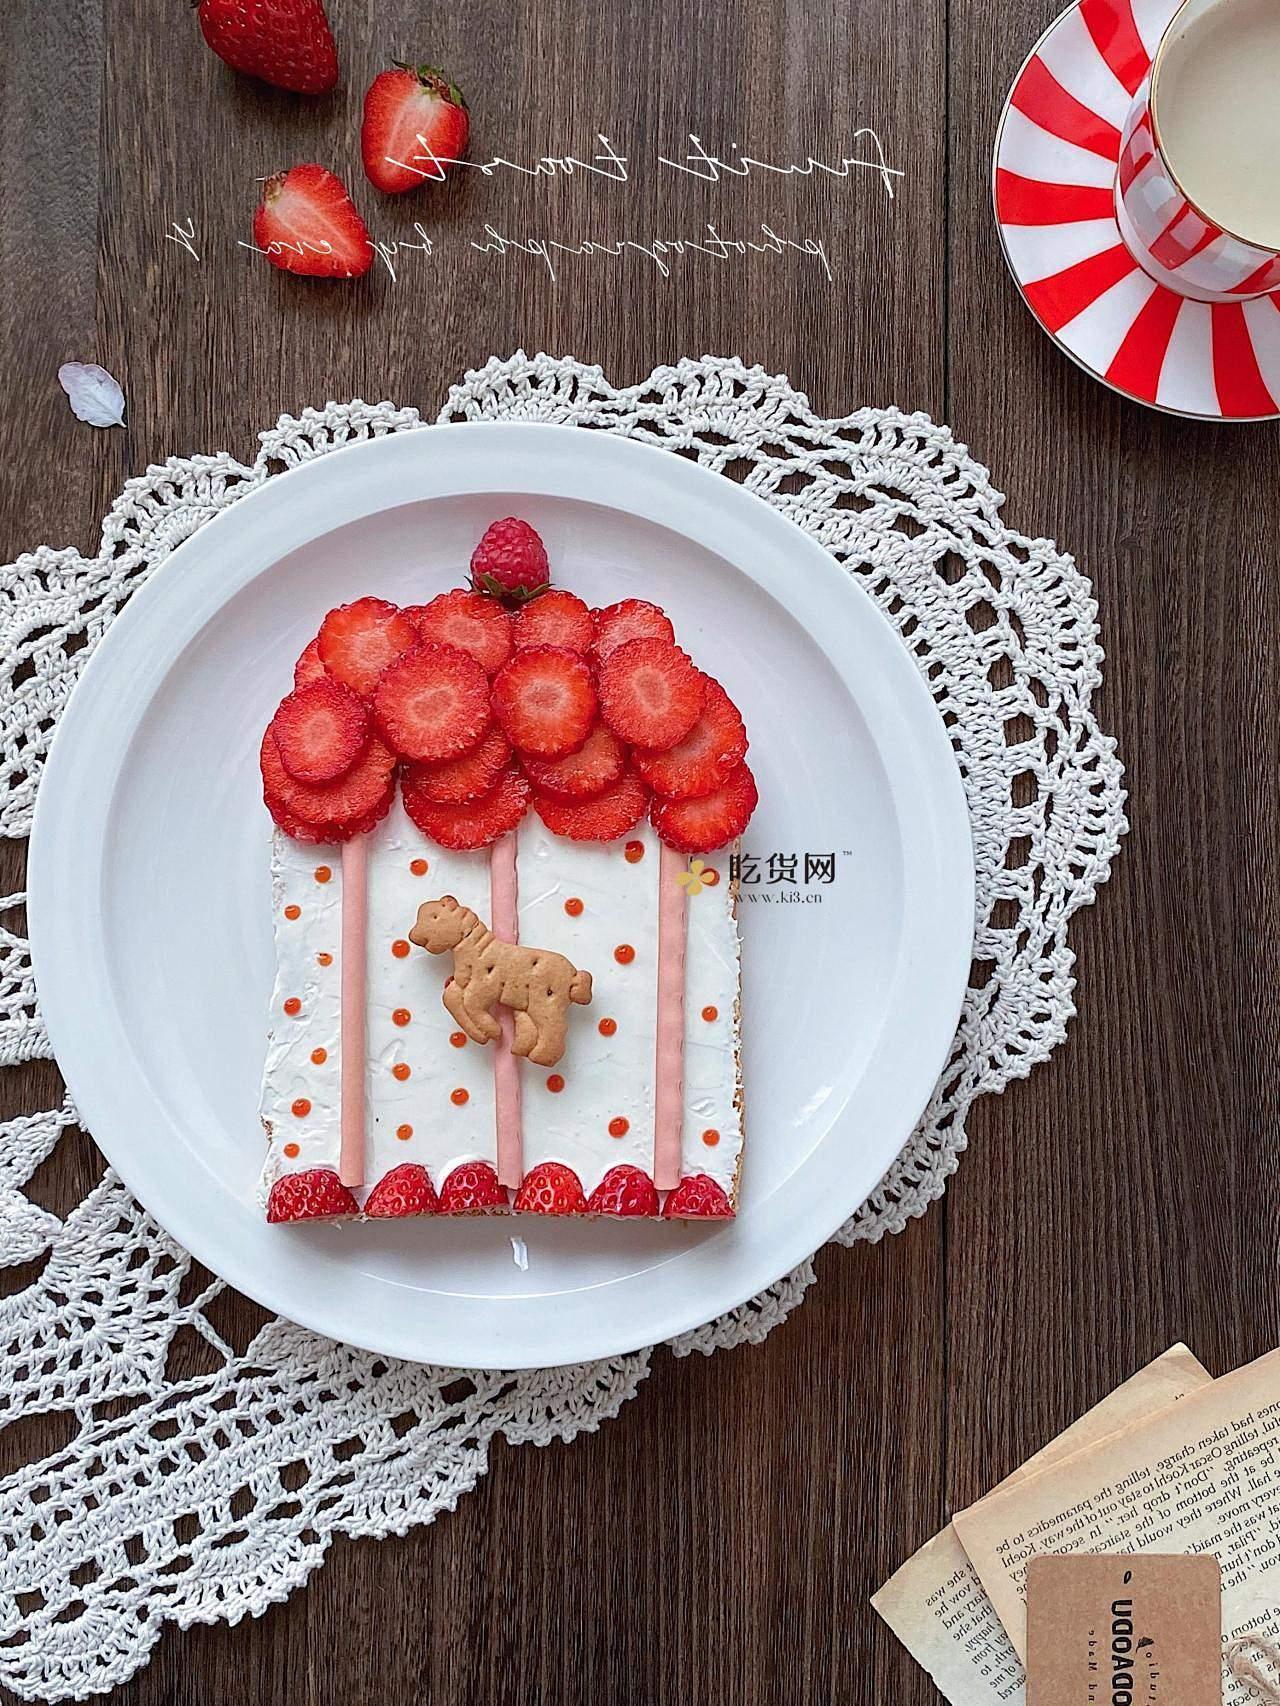 趣味早餐🔥童话世界❤️旋转木马🎠水果吐司的做法 步骤7